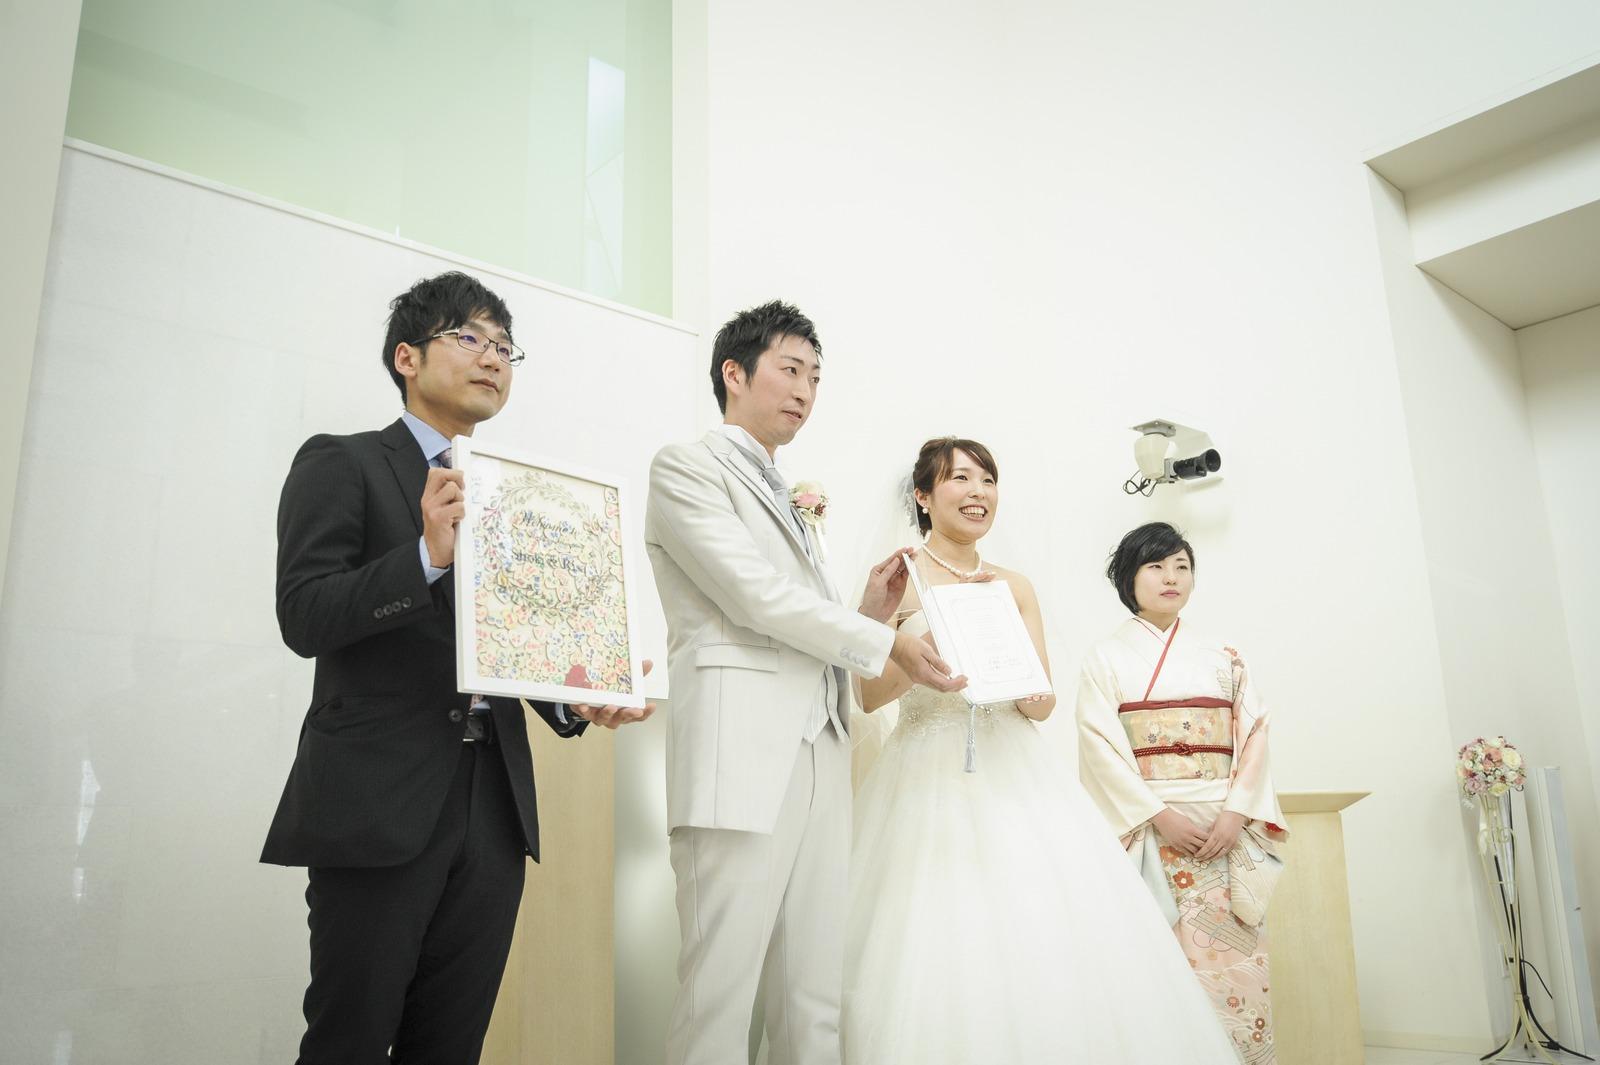 徳島市の結婚式場ブランアンジュで挙式でのハートドロップスのゲスト参加型演出